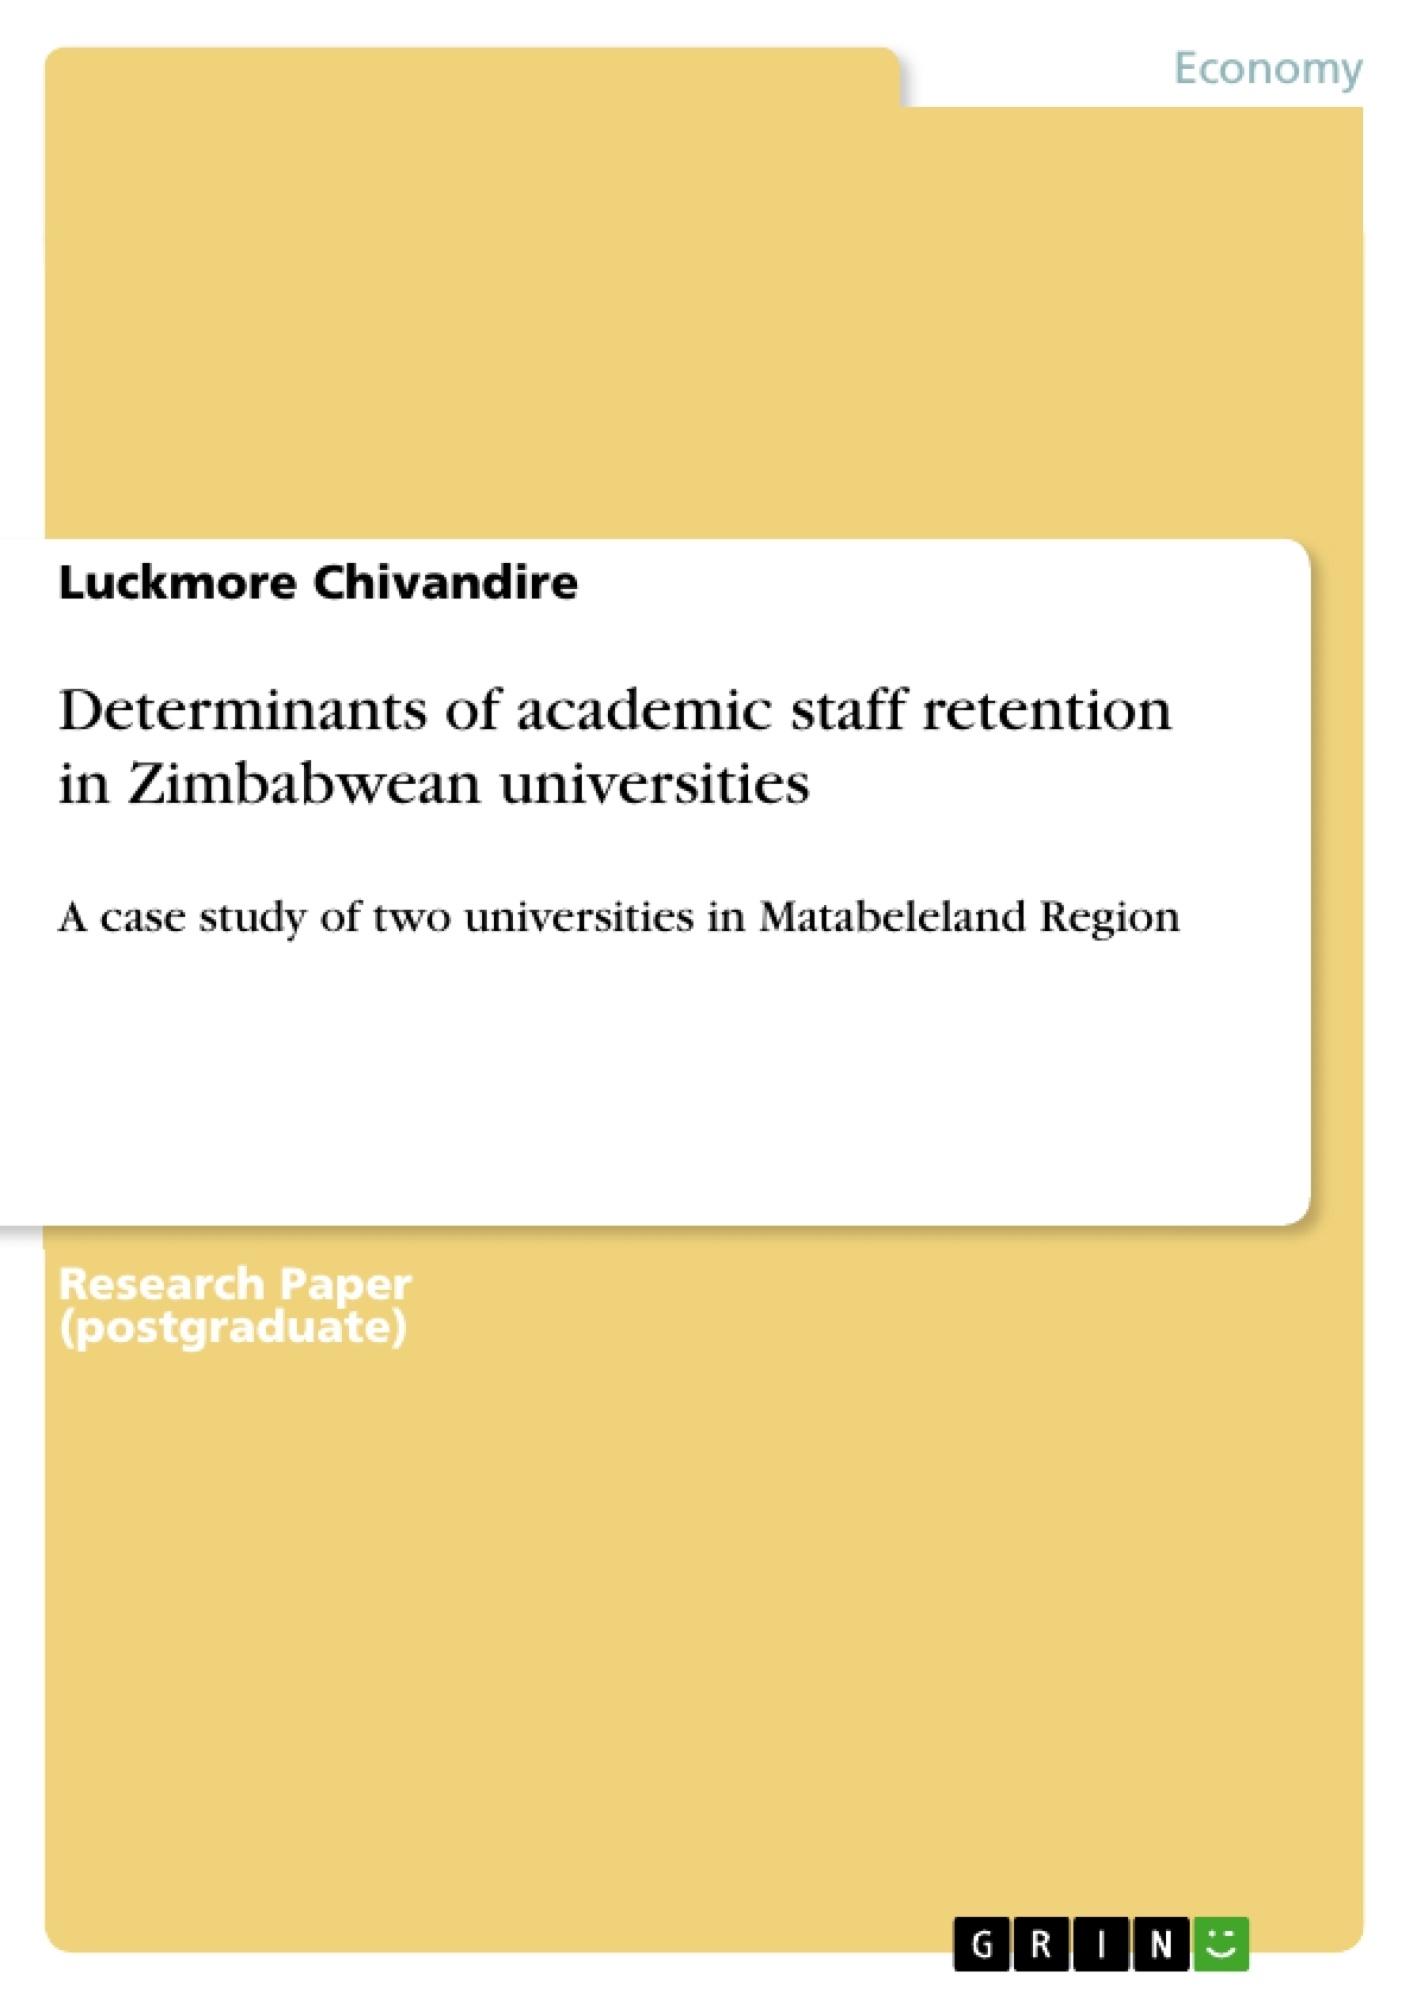 Title: Determinants of academic staff retention in Zimbabwean universities